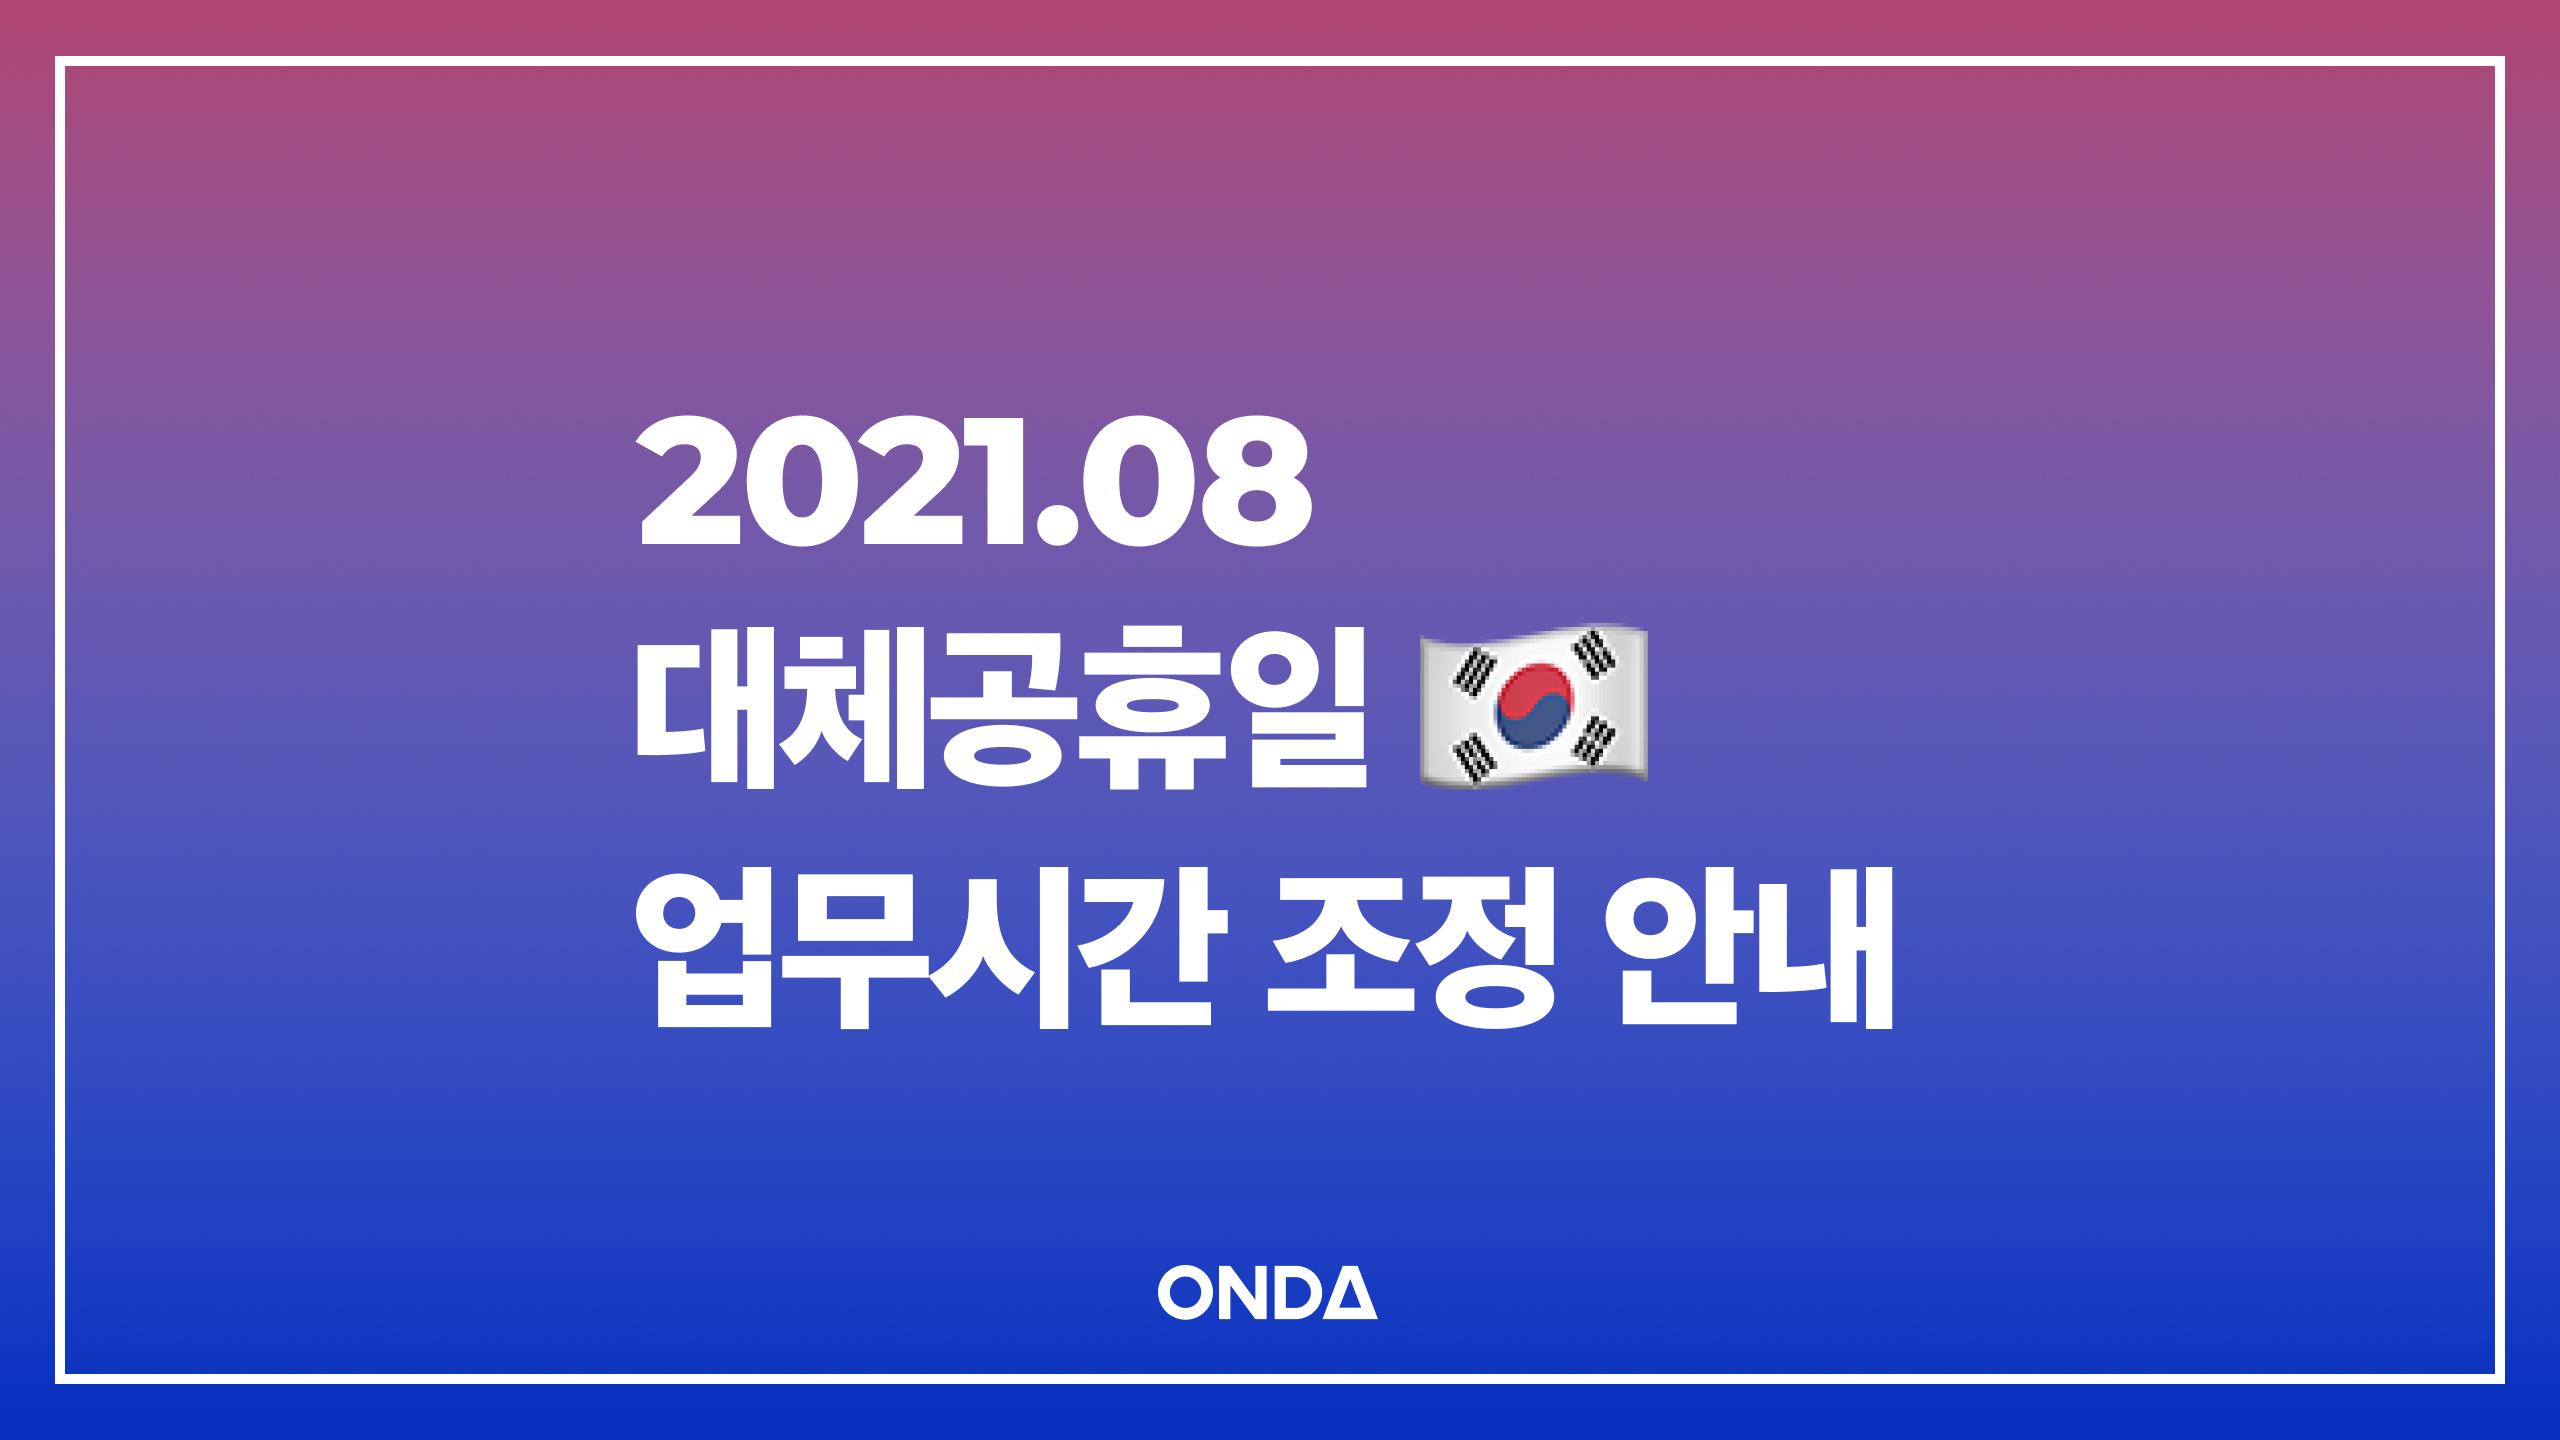 [공지] ONDA 2021년 8월 대체공휴일 업무시간 조정 안내